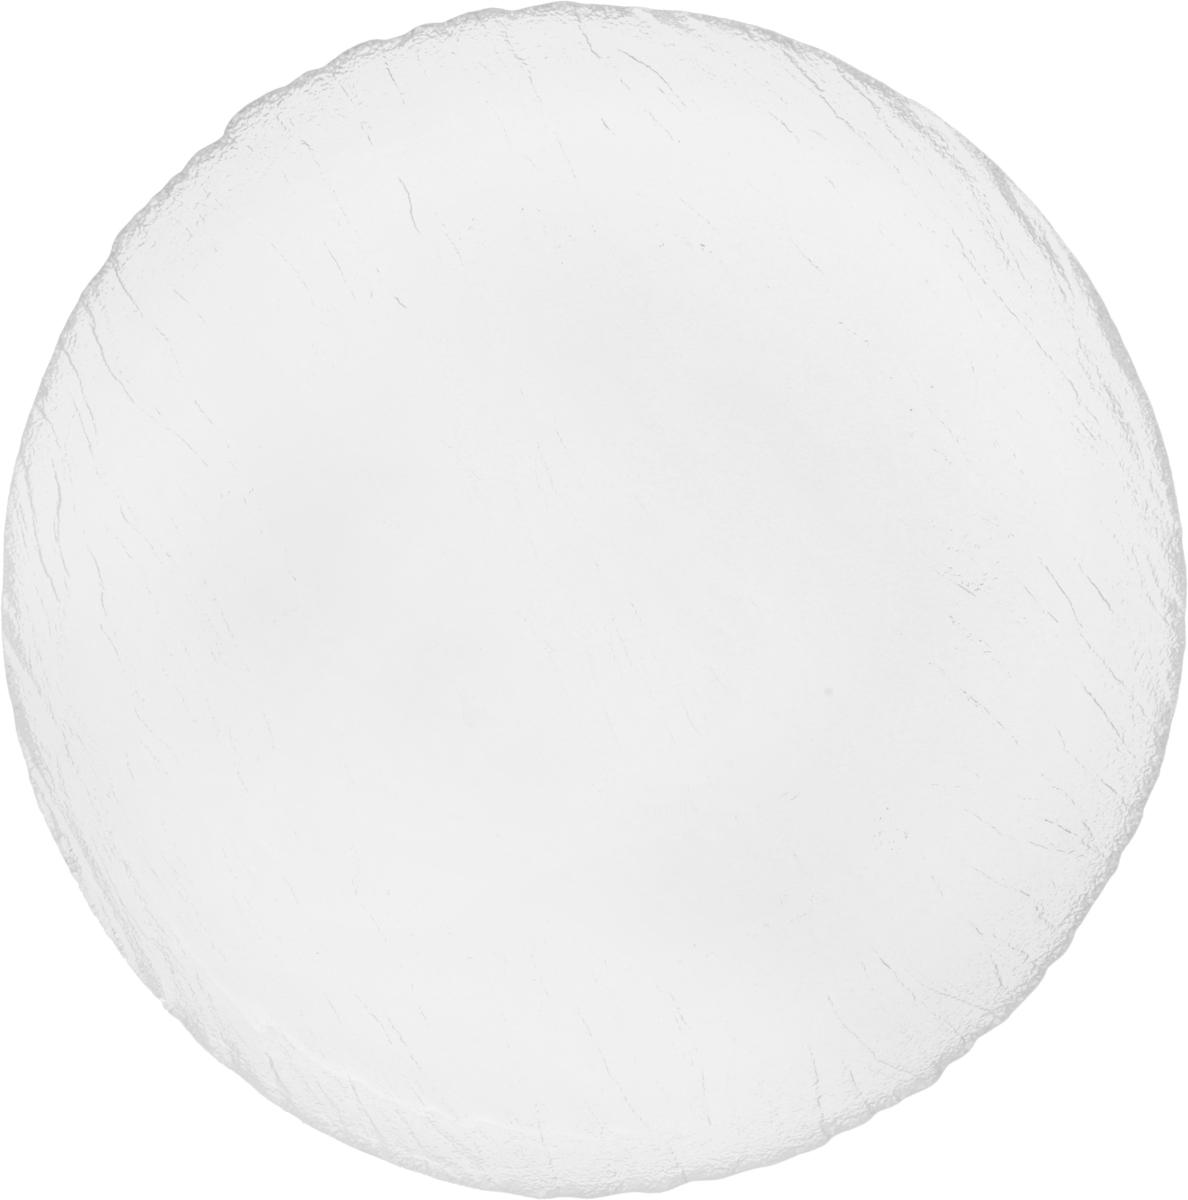 Тарелка обеденная OSZ Вулкан, цвет: прозрачный, диаметр 25 смVT-1520(SR)Обеденная тарелка OSZ Вулкан изготовлена из высококачественного стекла. Изделие имеет рельефную наружную поверхность. Тарелка прекрасно впишется в интерьер вашей кухни и станет достойным дополнением к кухонному инвентарю. Тарелка OSZ Вулкан подчеркнет прекрасный вкус хозяйки и станет отличным подарком. Можно мыть в посудомоечной машине и использовать в микроволновой печи.